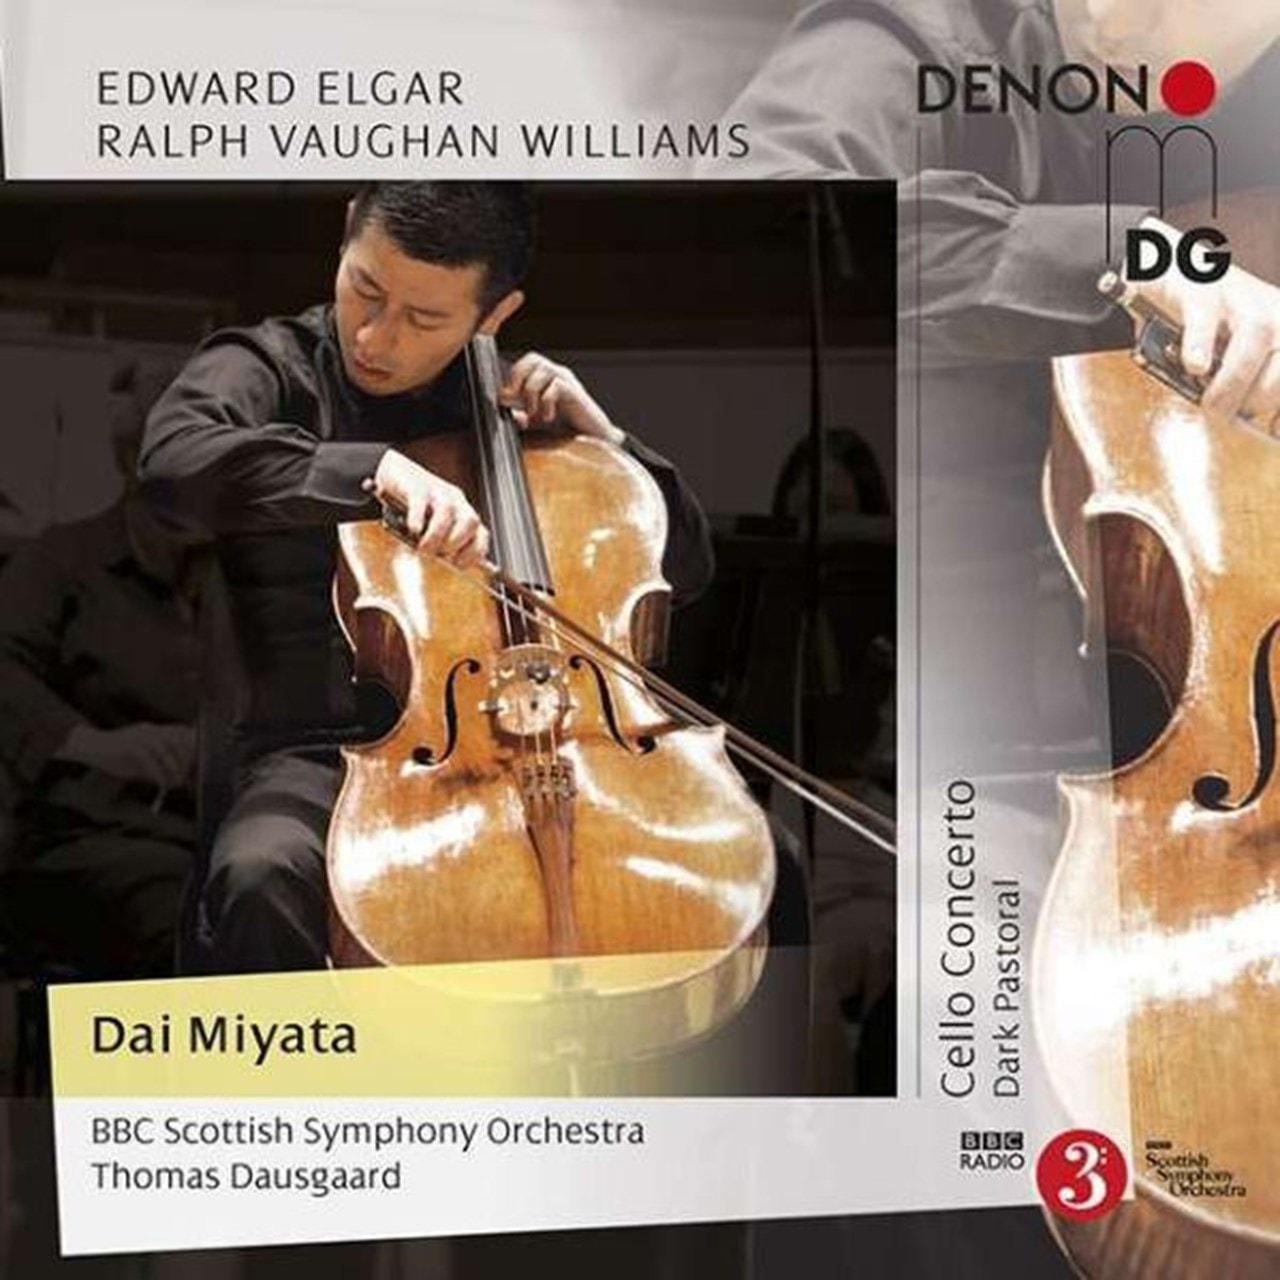 Edward Elgar/Ralph Vaughan Williams: Cello Concerto - 1